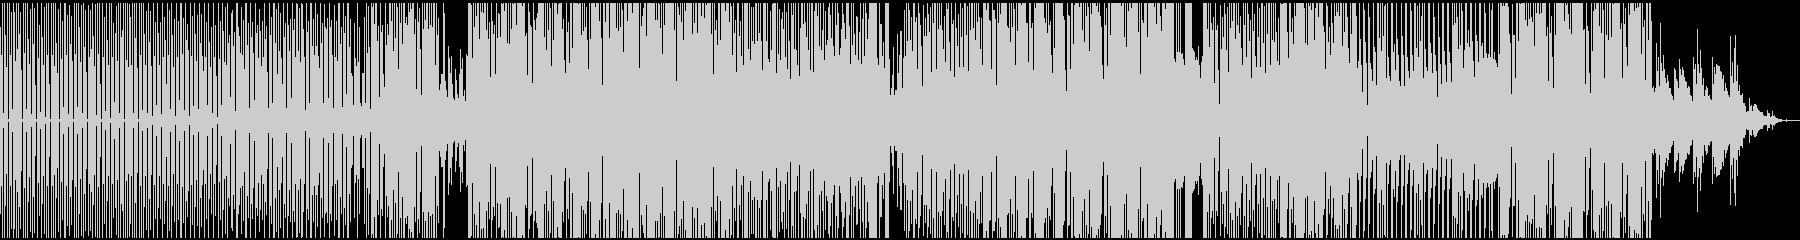 軽快なDEEP HOUSE SOUNDの未再生の波形